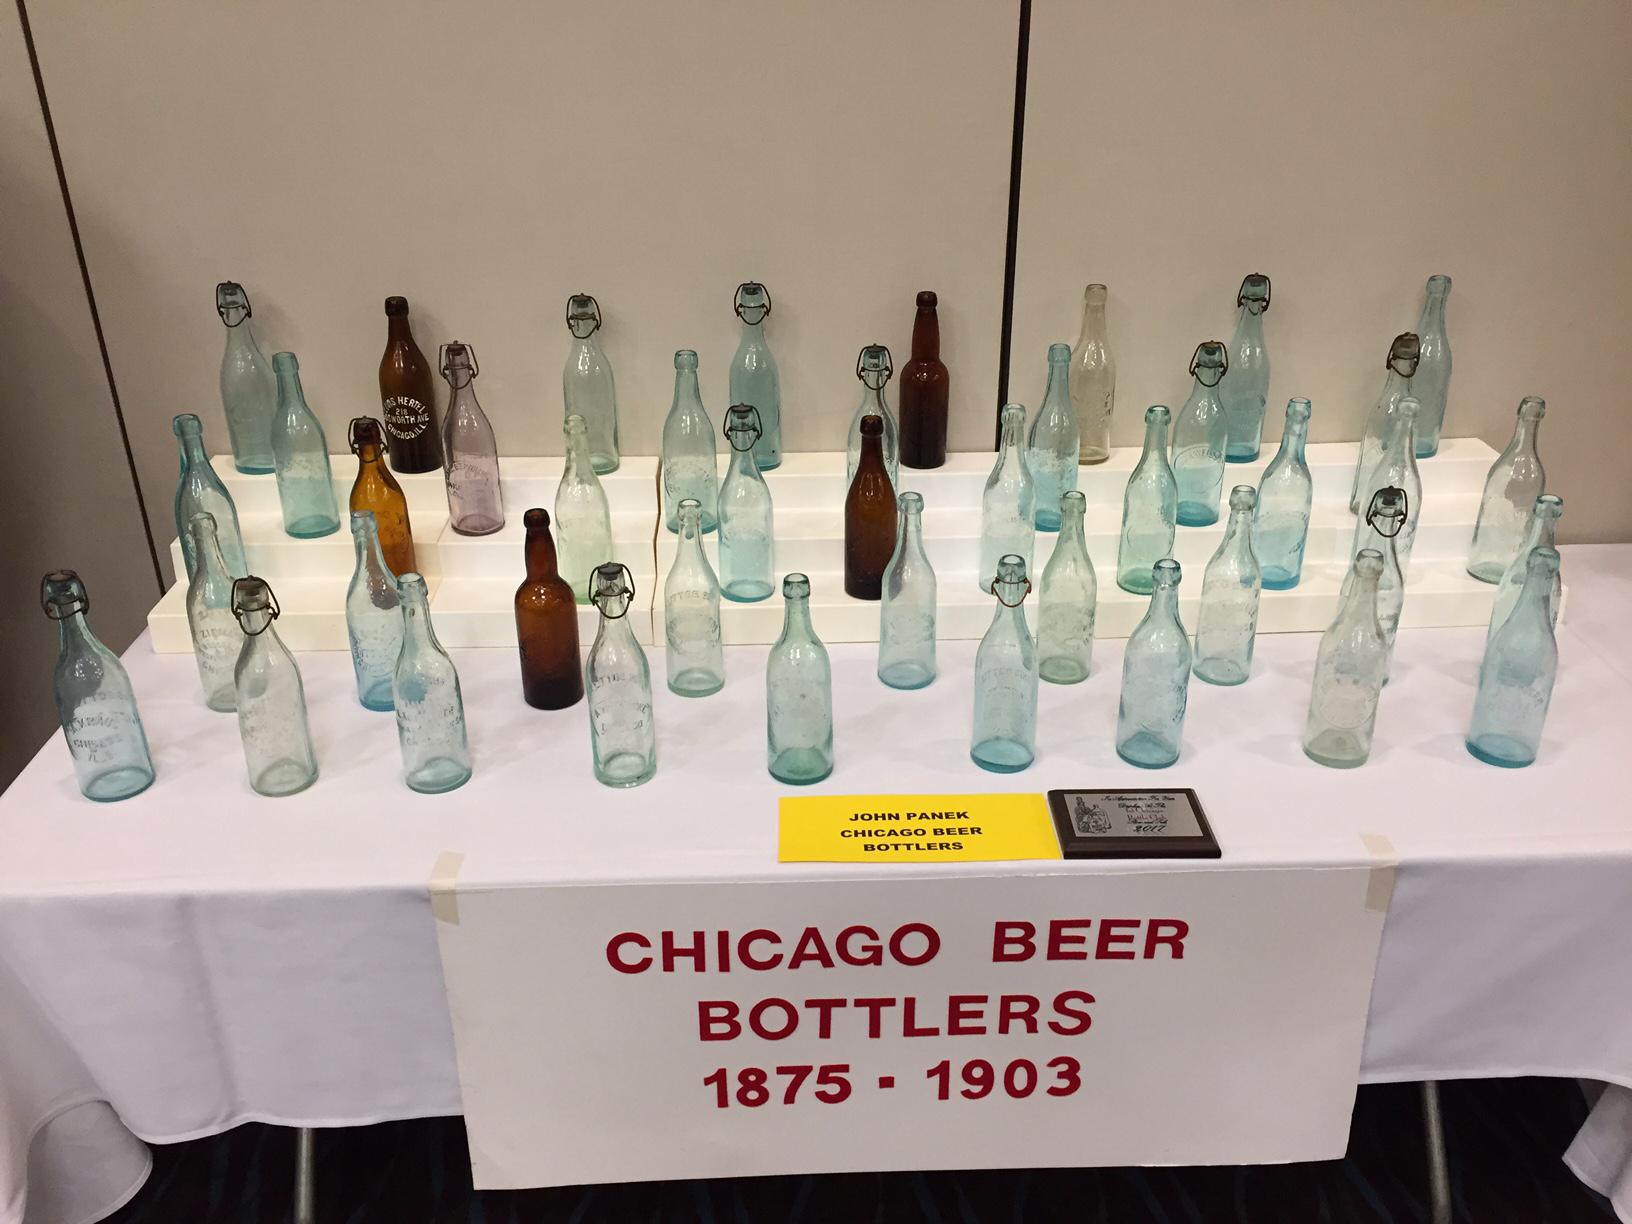 Chicago Beer Bottlers display, John E. Panek